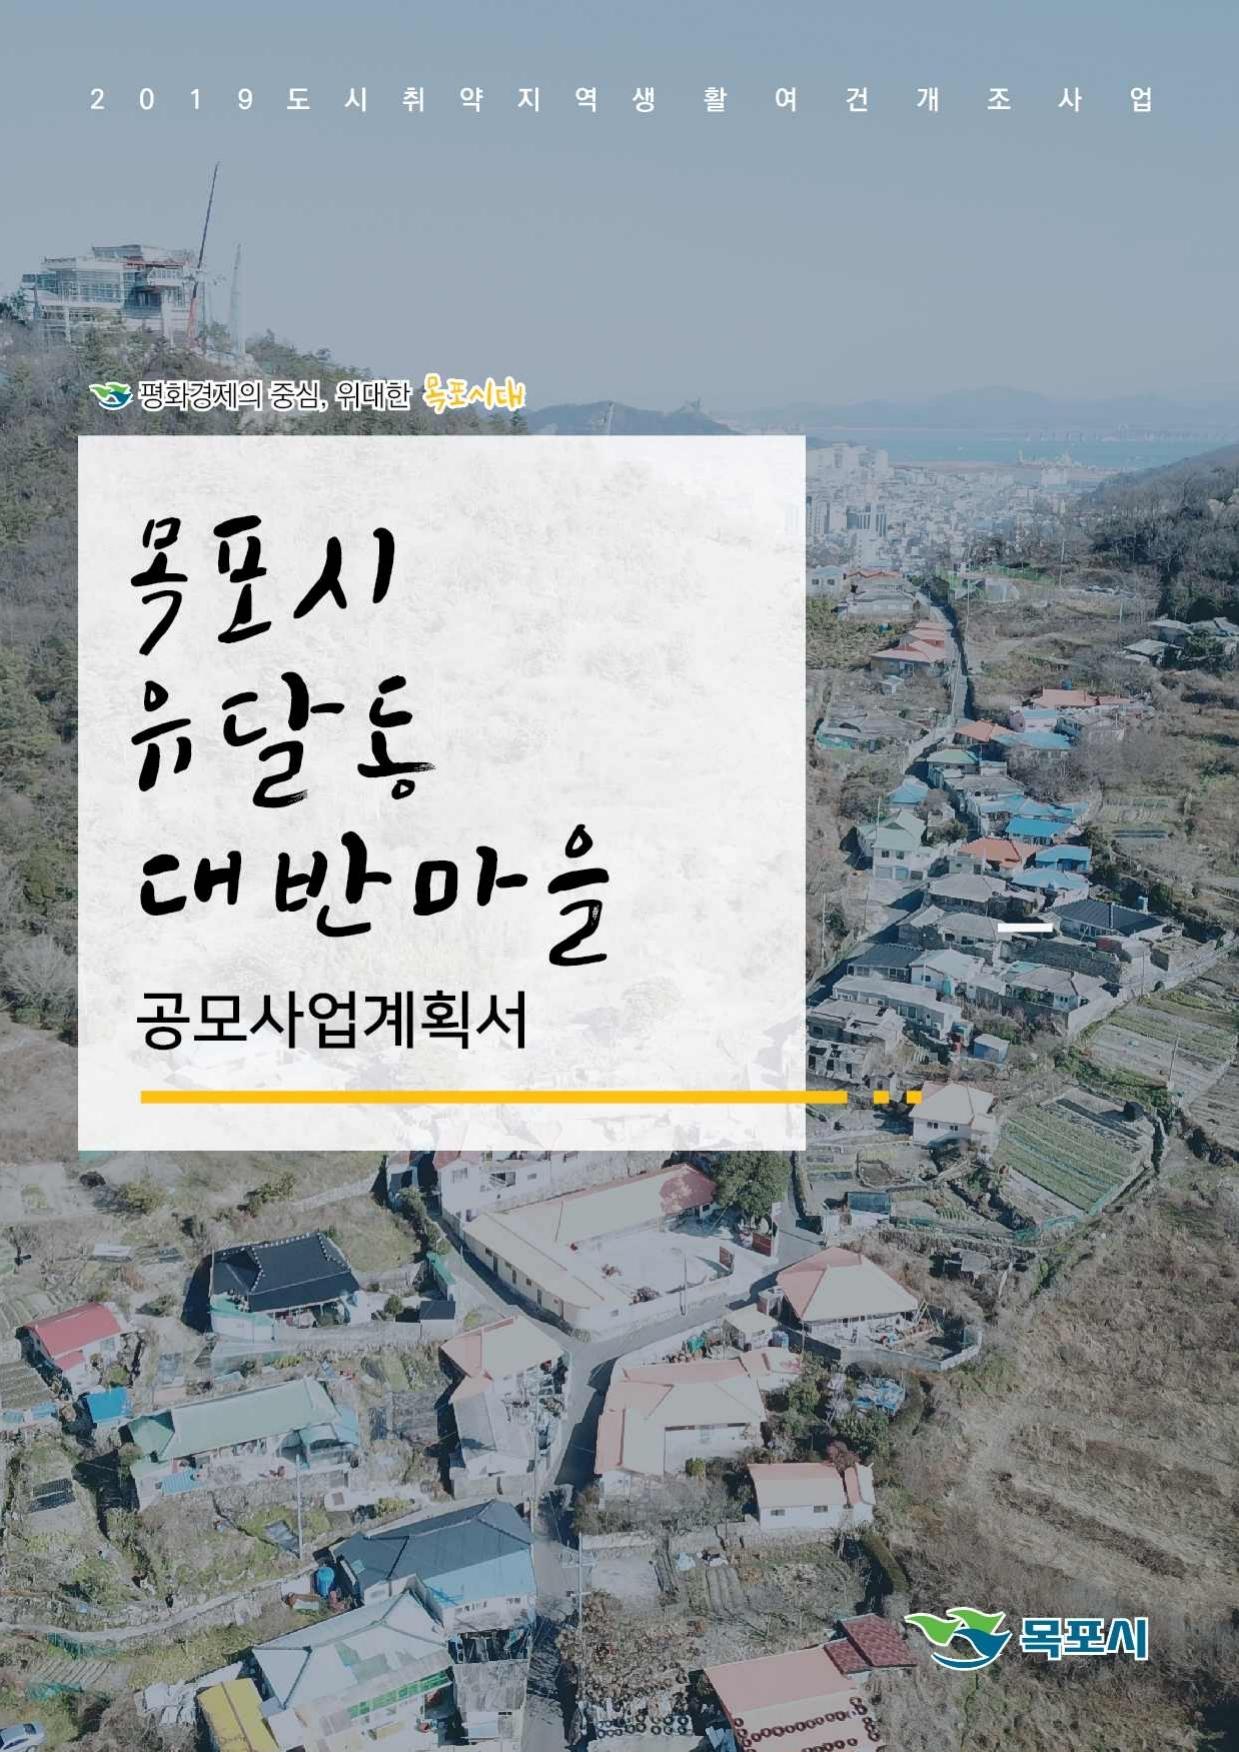 2019_취약지역 생활여건 개조사업